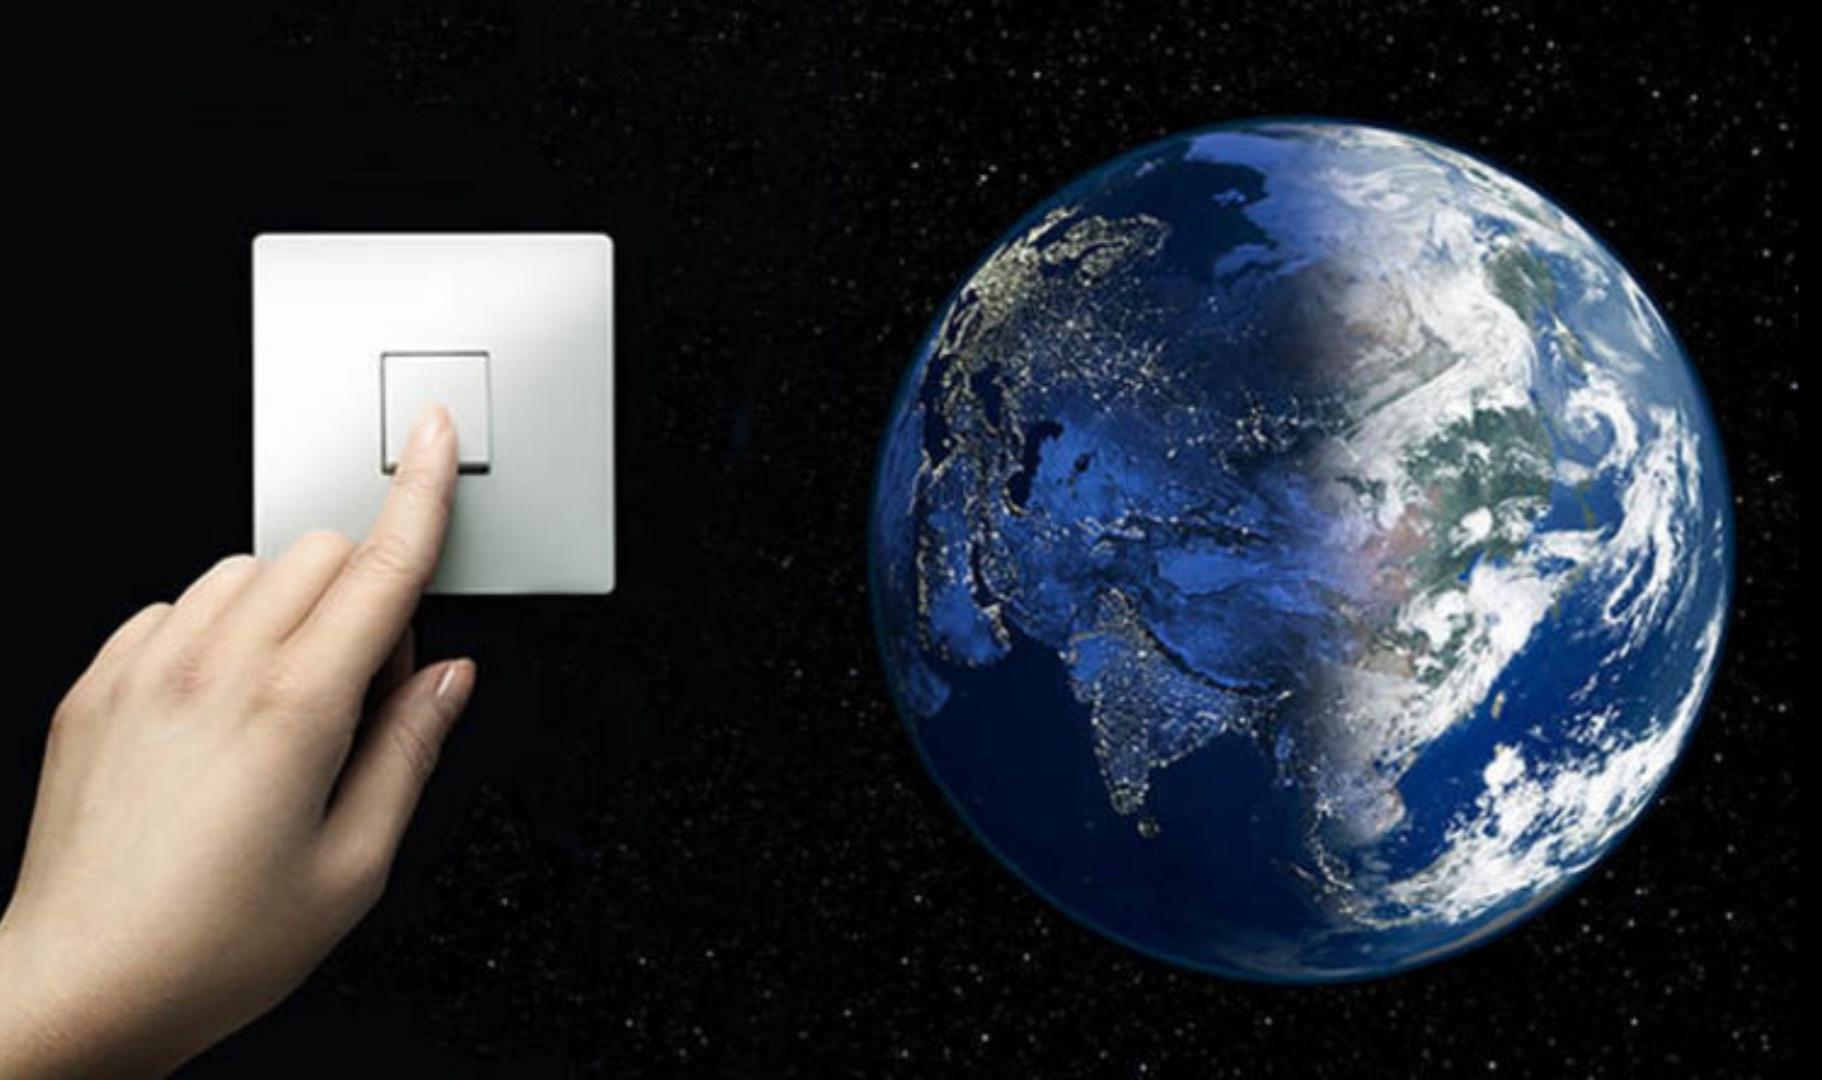 Pomagajmo Zemlji in ugasnimo luči